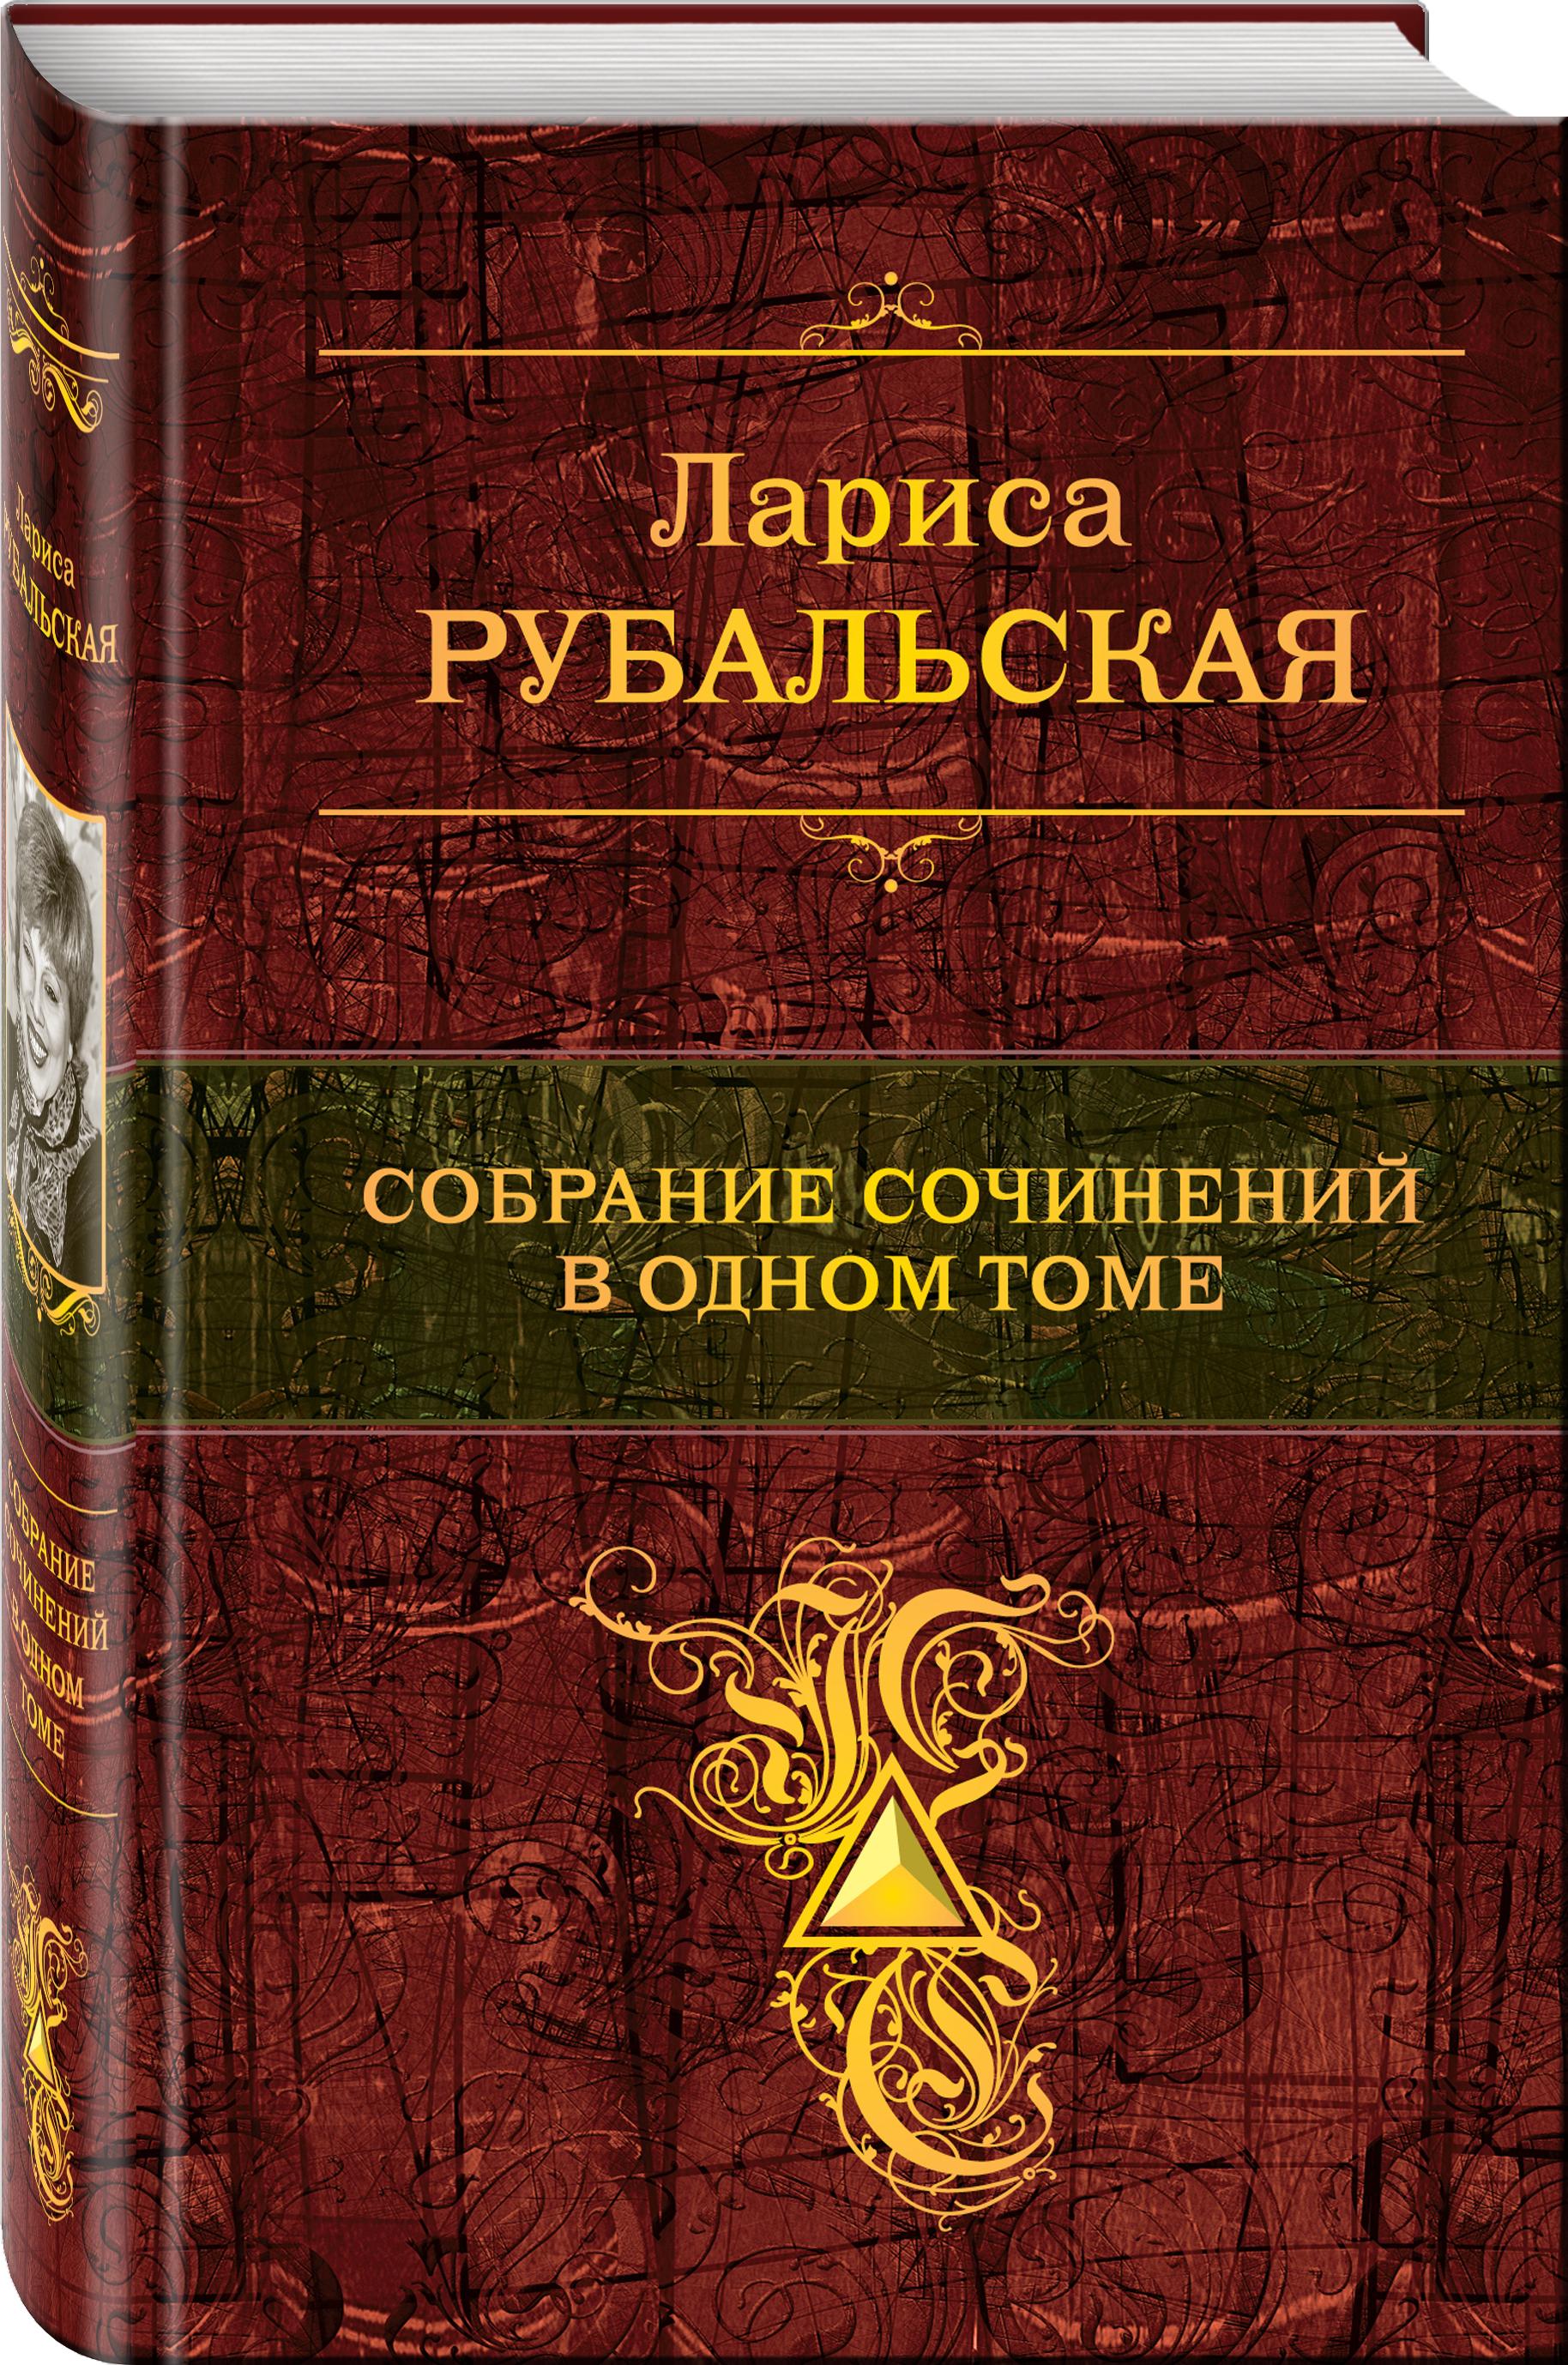 Рубальская Л.А. Собрание сочинений в одном томе